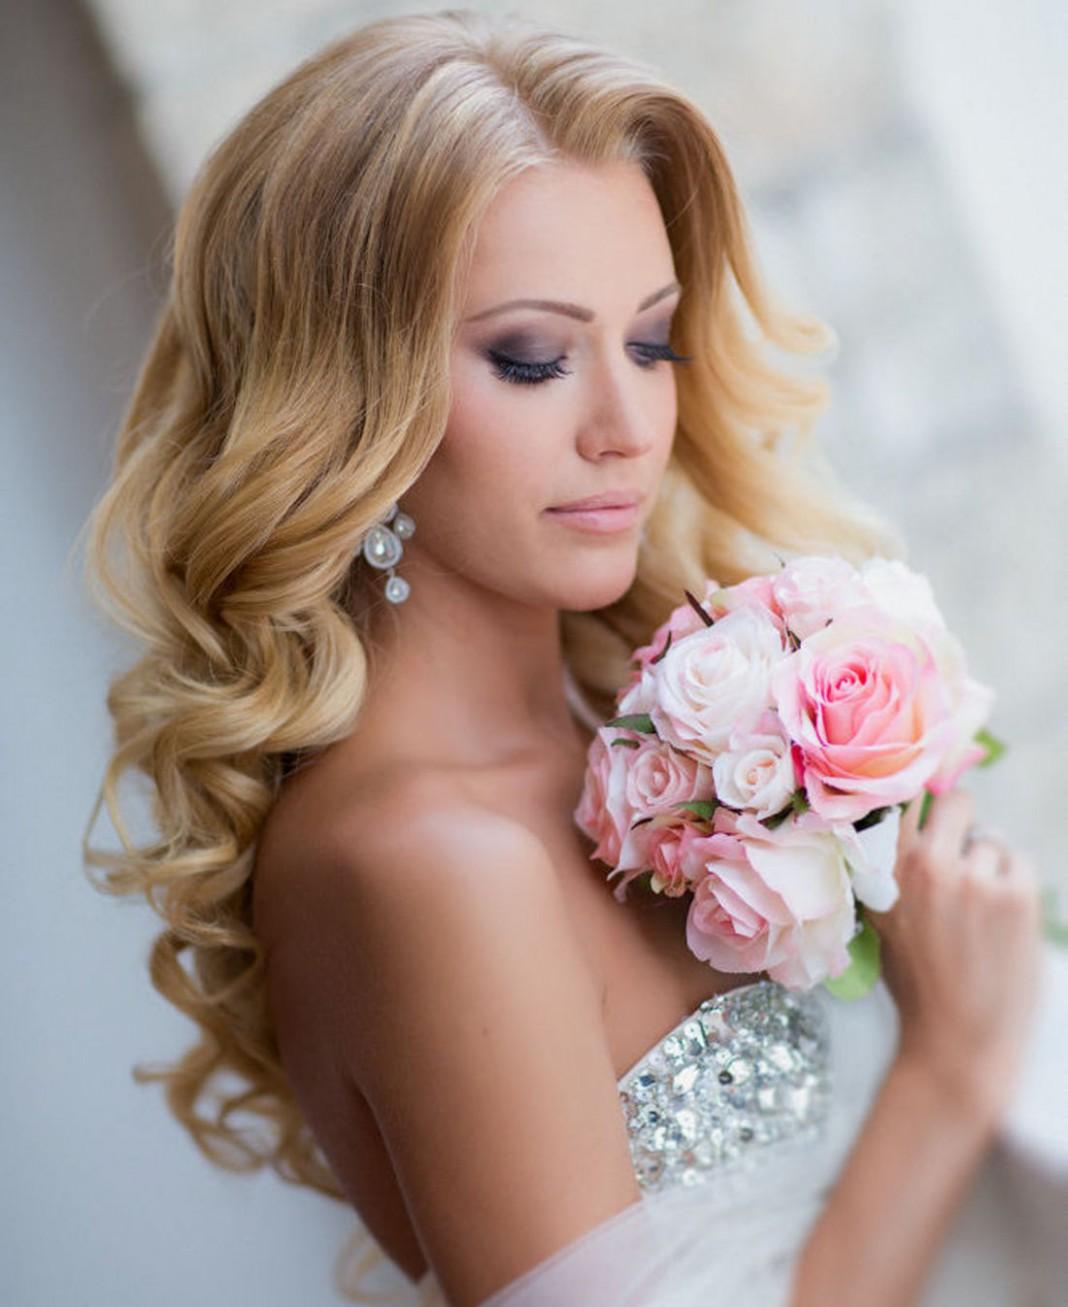 Прическа для блондинки на длинные волосы фото